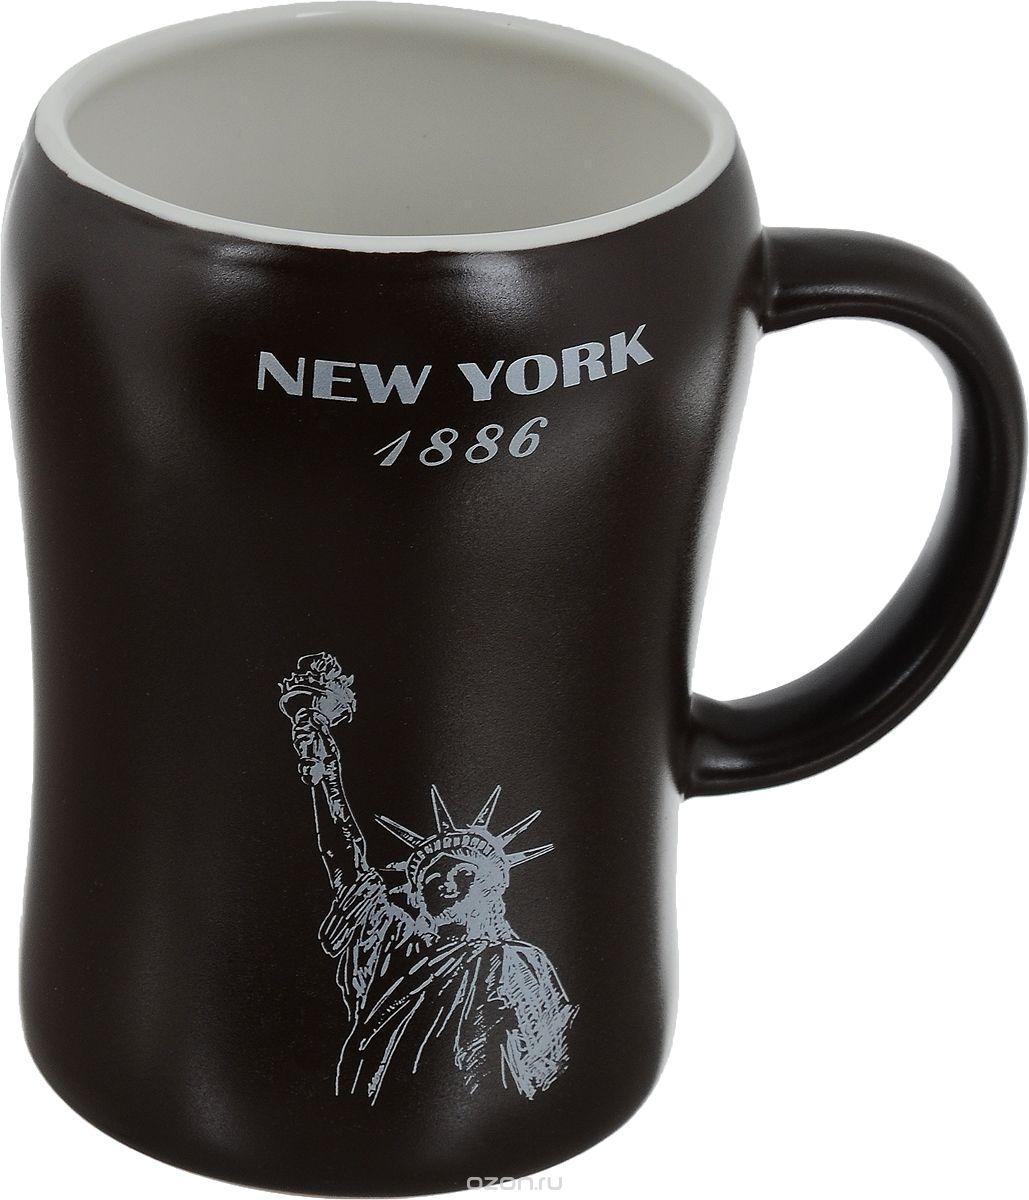 Кружка пивная Bella New York, 500 млKR-01SCD290CB-1438_коричневыйПивная кружка Bella New York - это не просто емкость для пенного напитка, это еще оригинальный сувенир или прекрасный подарок для настоящего ценителя. Такая пивная кружка превращает распитие пива в настоящий ритуал. Кружка выполнена из керамики и оформлена изображением Статуи Свободы и надписью New York 1886. Пивная кружка Bella New York станет прекрасным пополнением вашей коллекции. Не рекомендуется мыть в посудомоечной машине.Объем: 500 мл. Высота кружки: 13 см. Диаметр (по верхнему краю): 8,5 см.